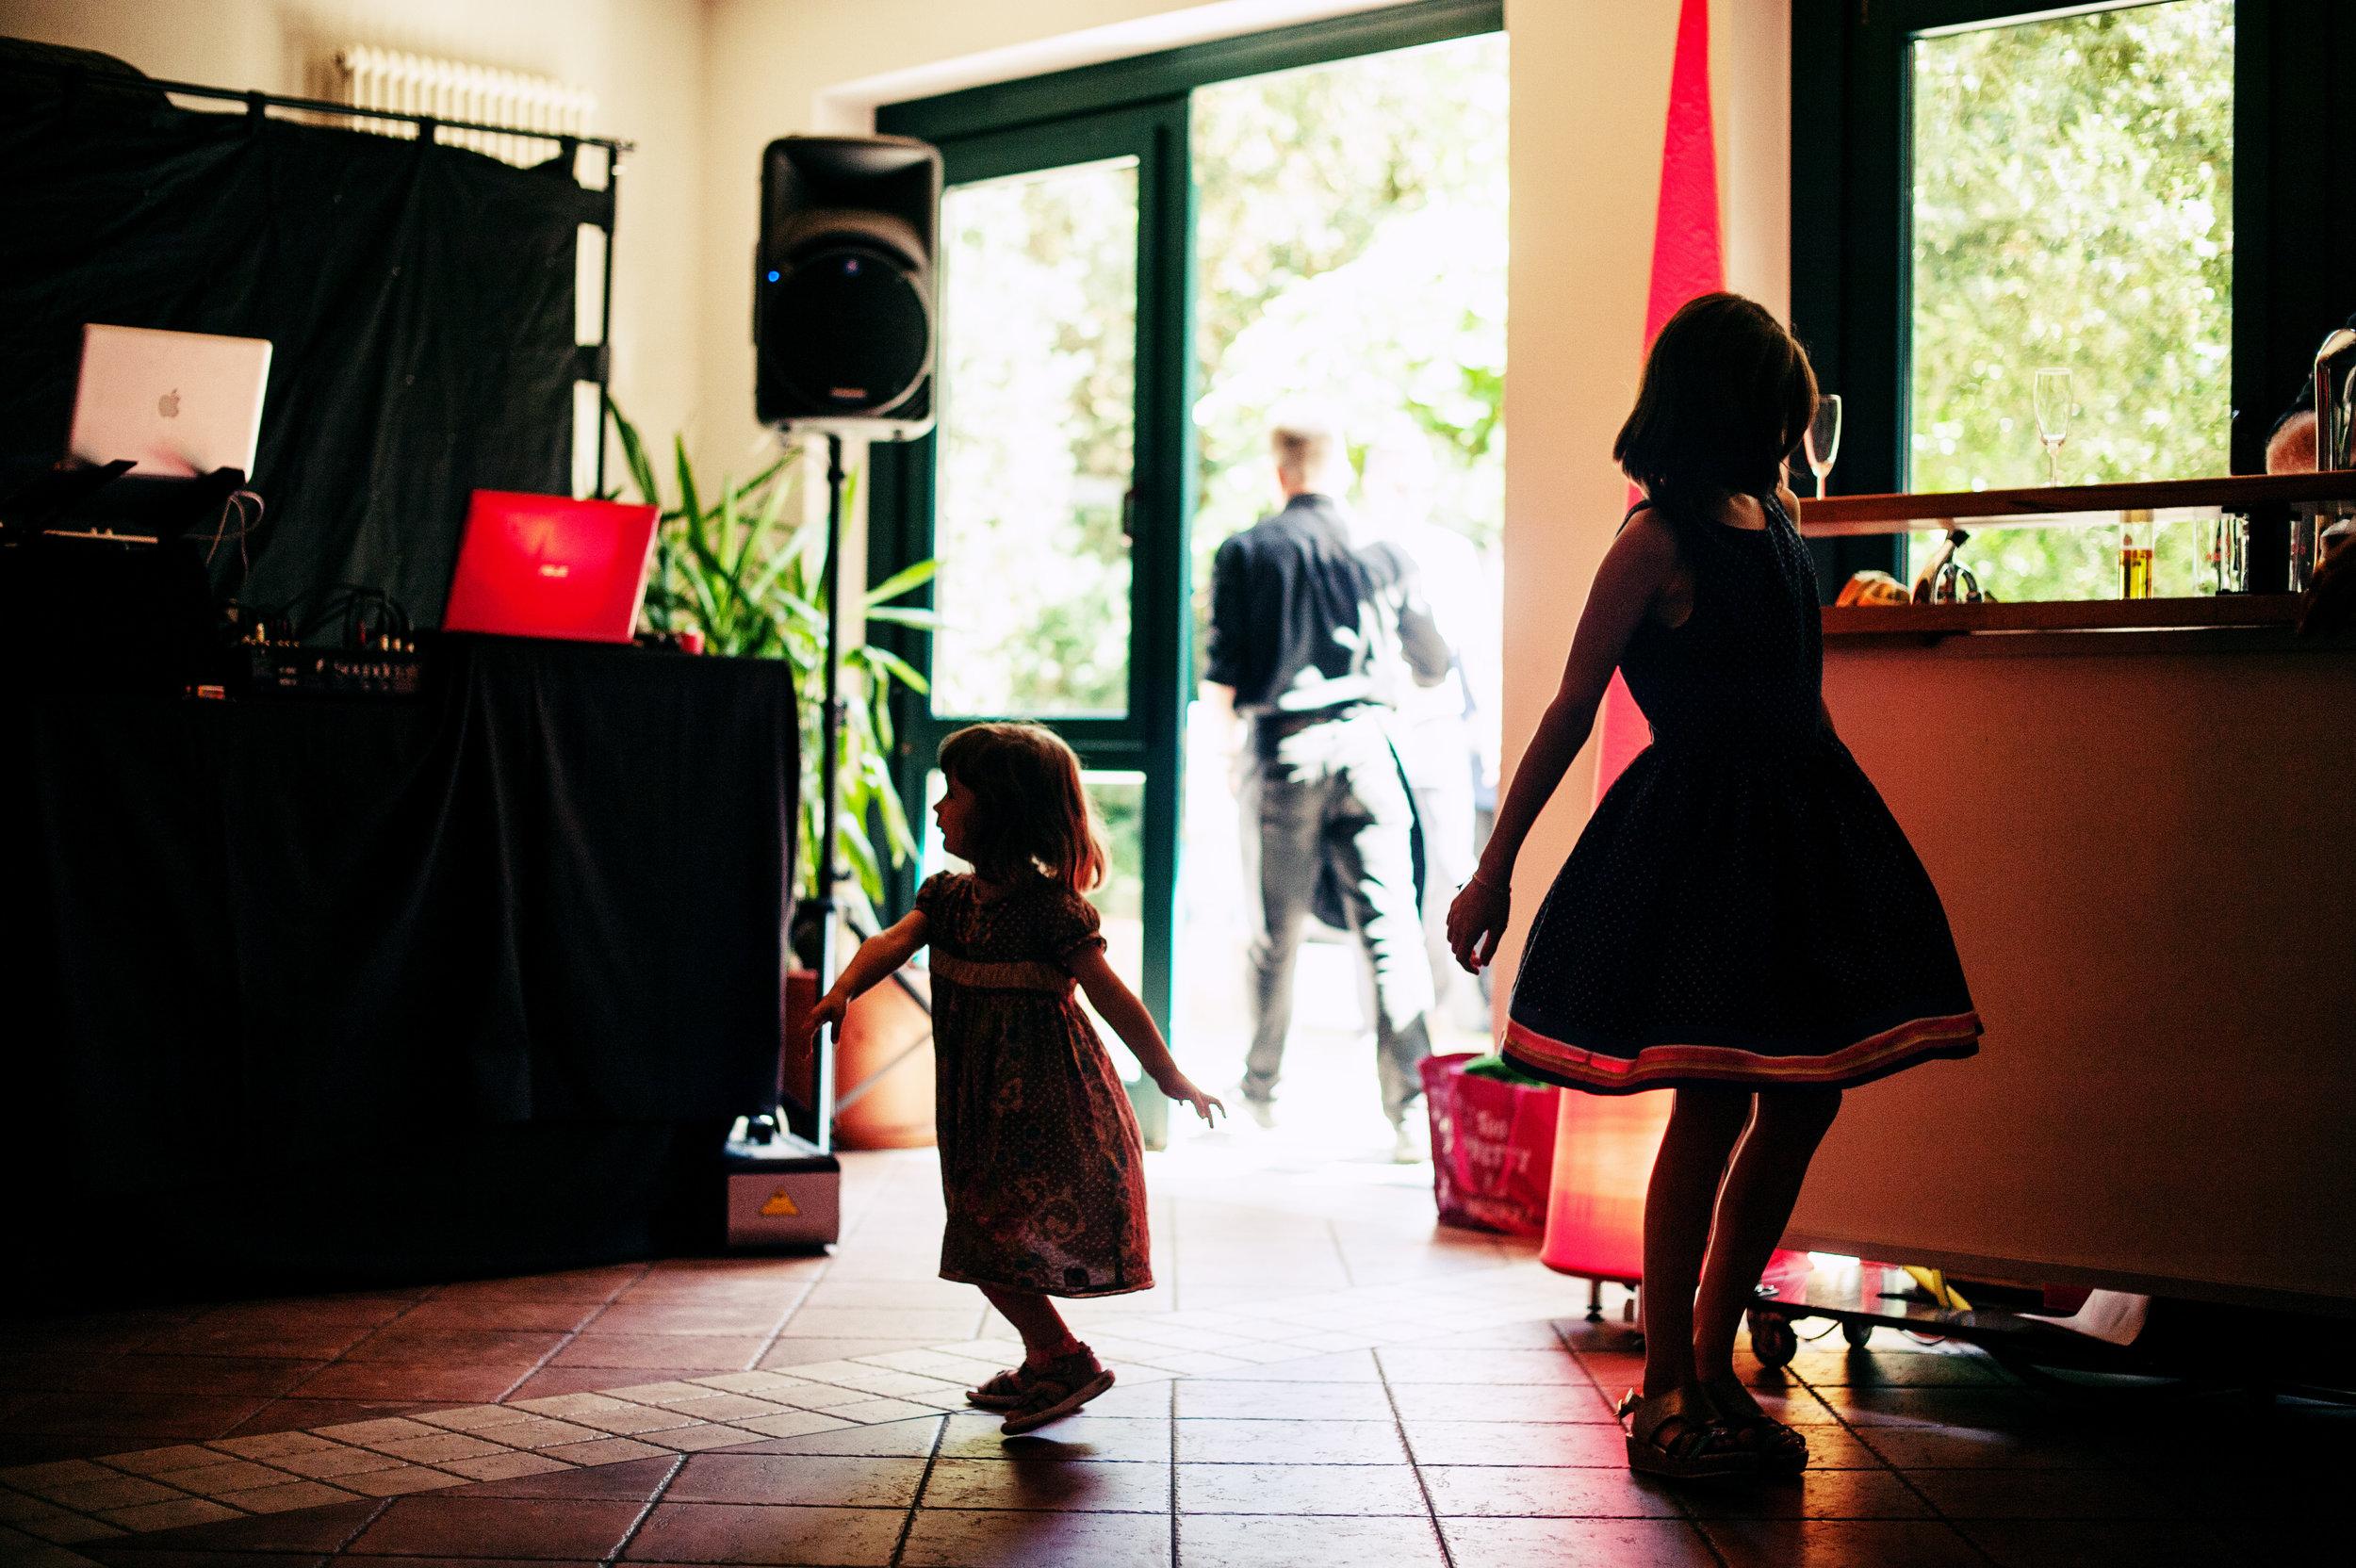 hochzeit-kinder-tanzen-schatten-2.jpg